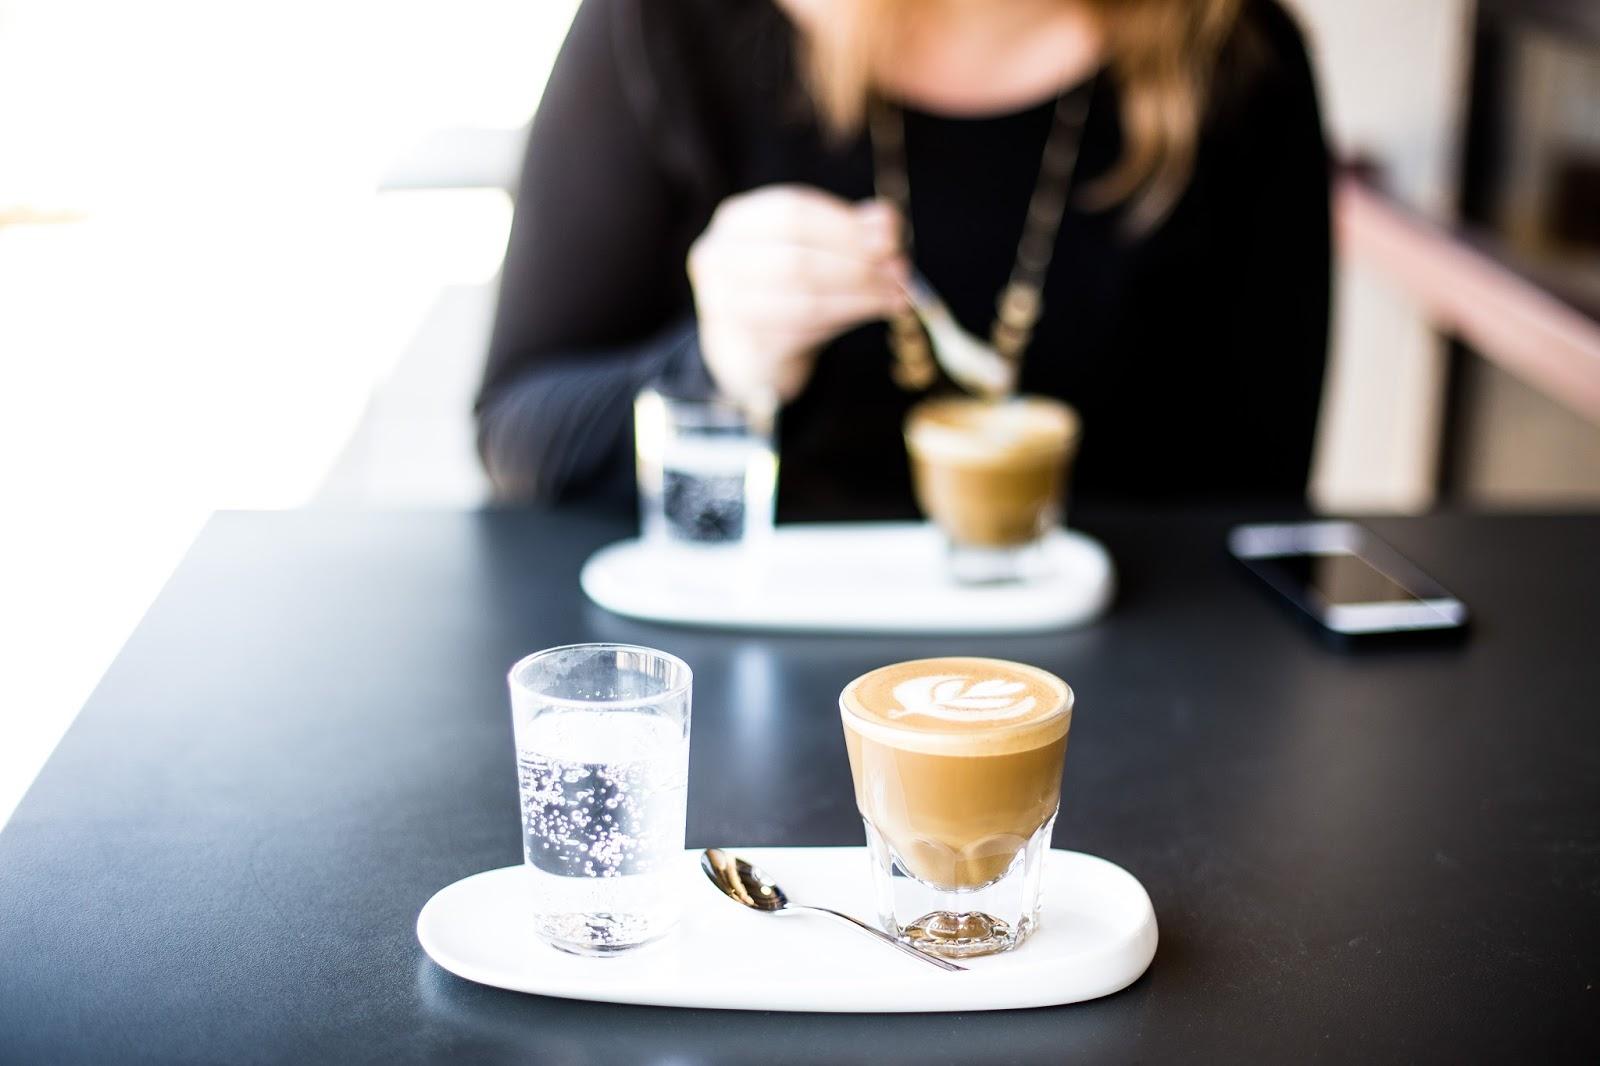 O warsztacie kryzysowym przy kawie